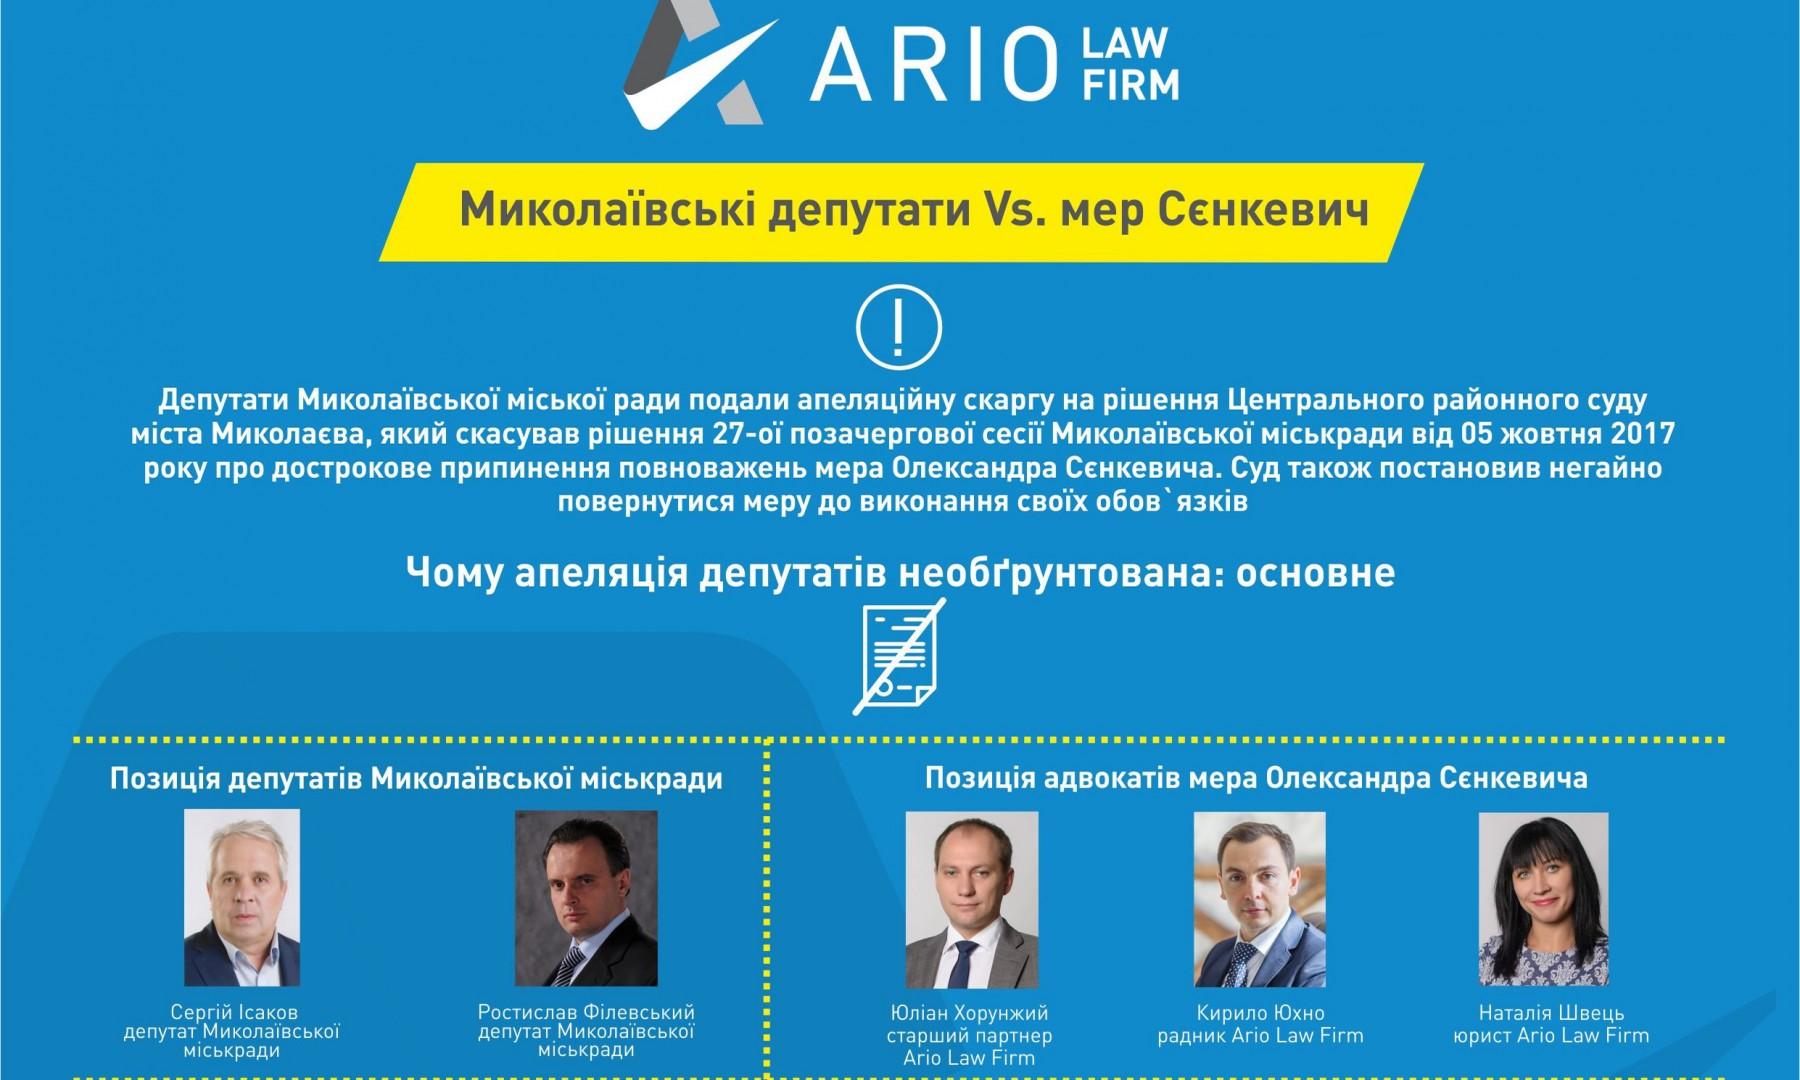 Інфографіка: Миколаївські депутати vs. мер